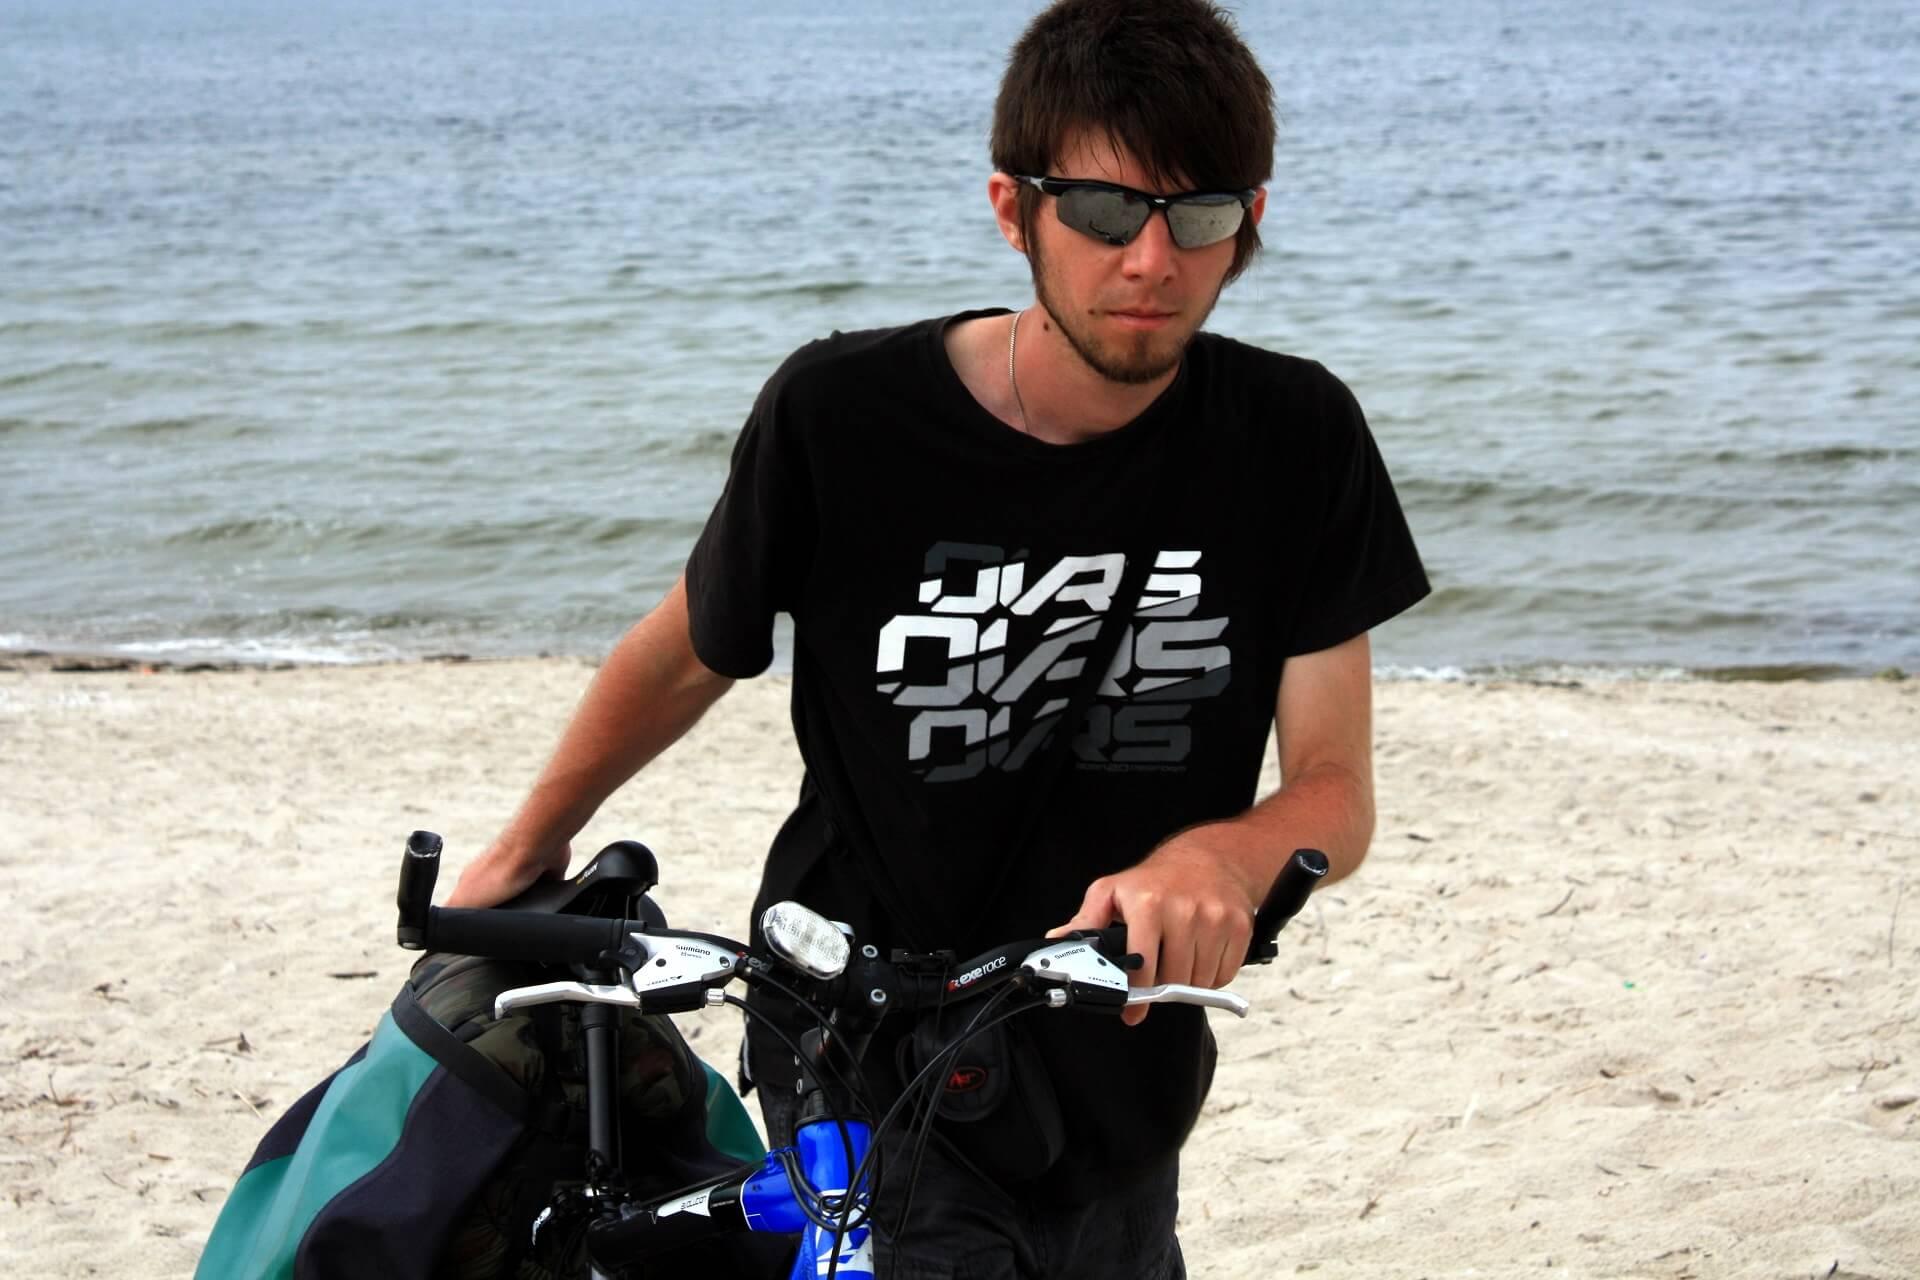 Rowerem wzdłuż wybrzeża - wyprawa rowerowa - Dźwirzyno